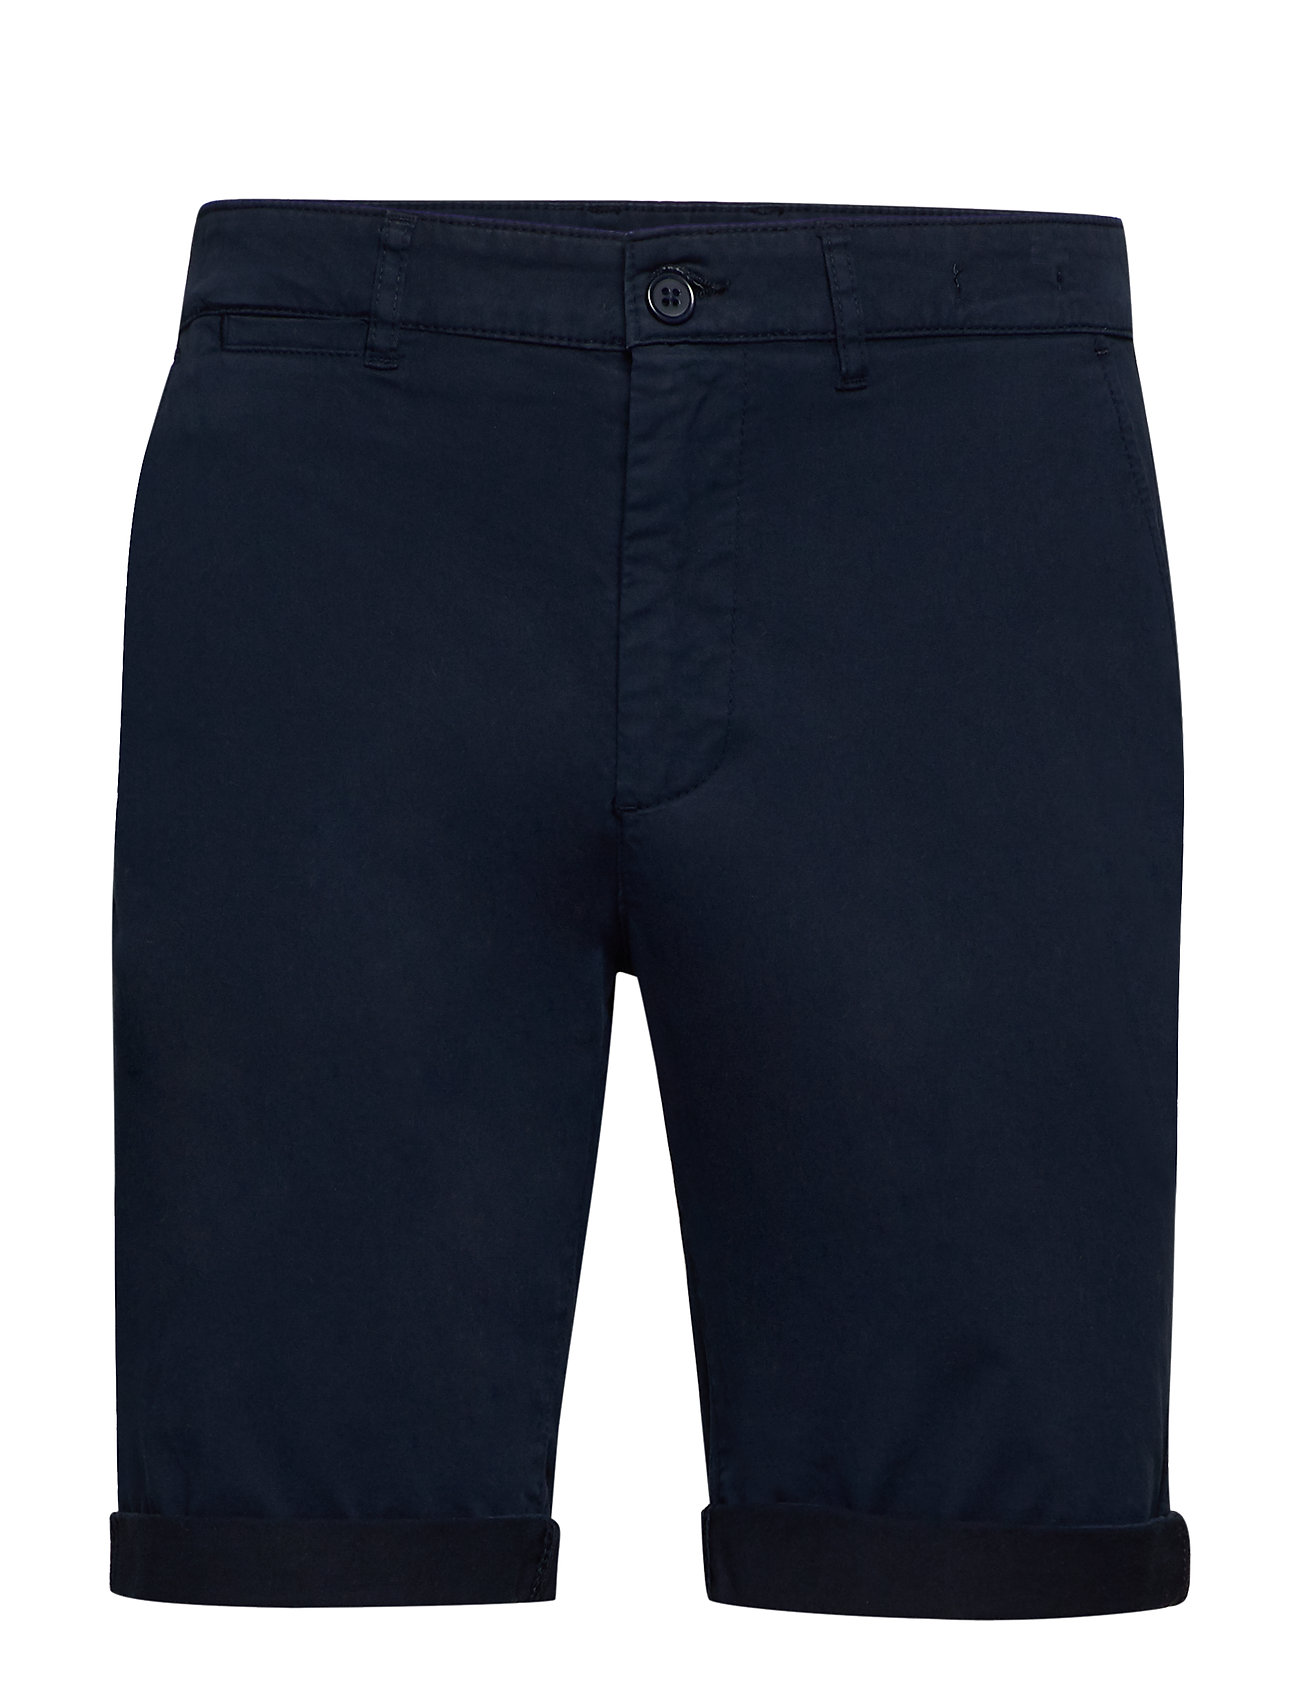 Image of The Organic Chino Shorts Shorts Chinos Shorts Blå By Garment Makers (3325704775)